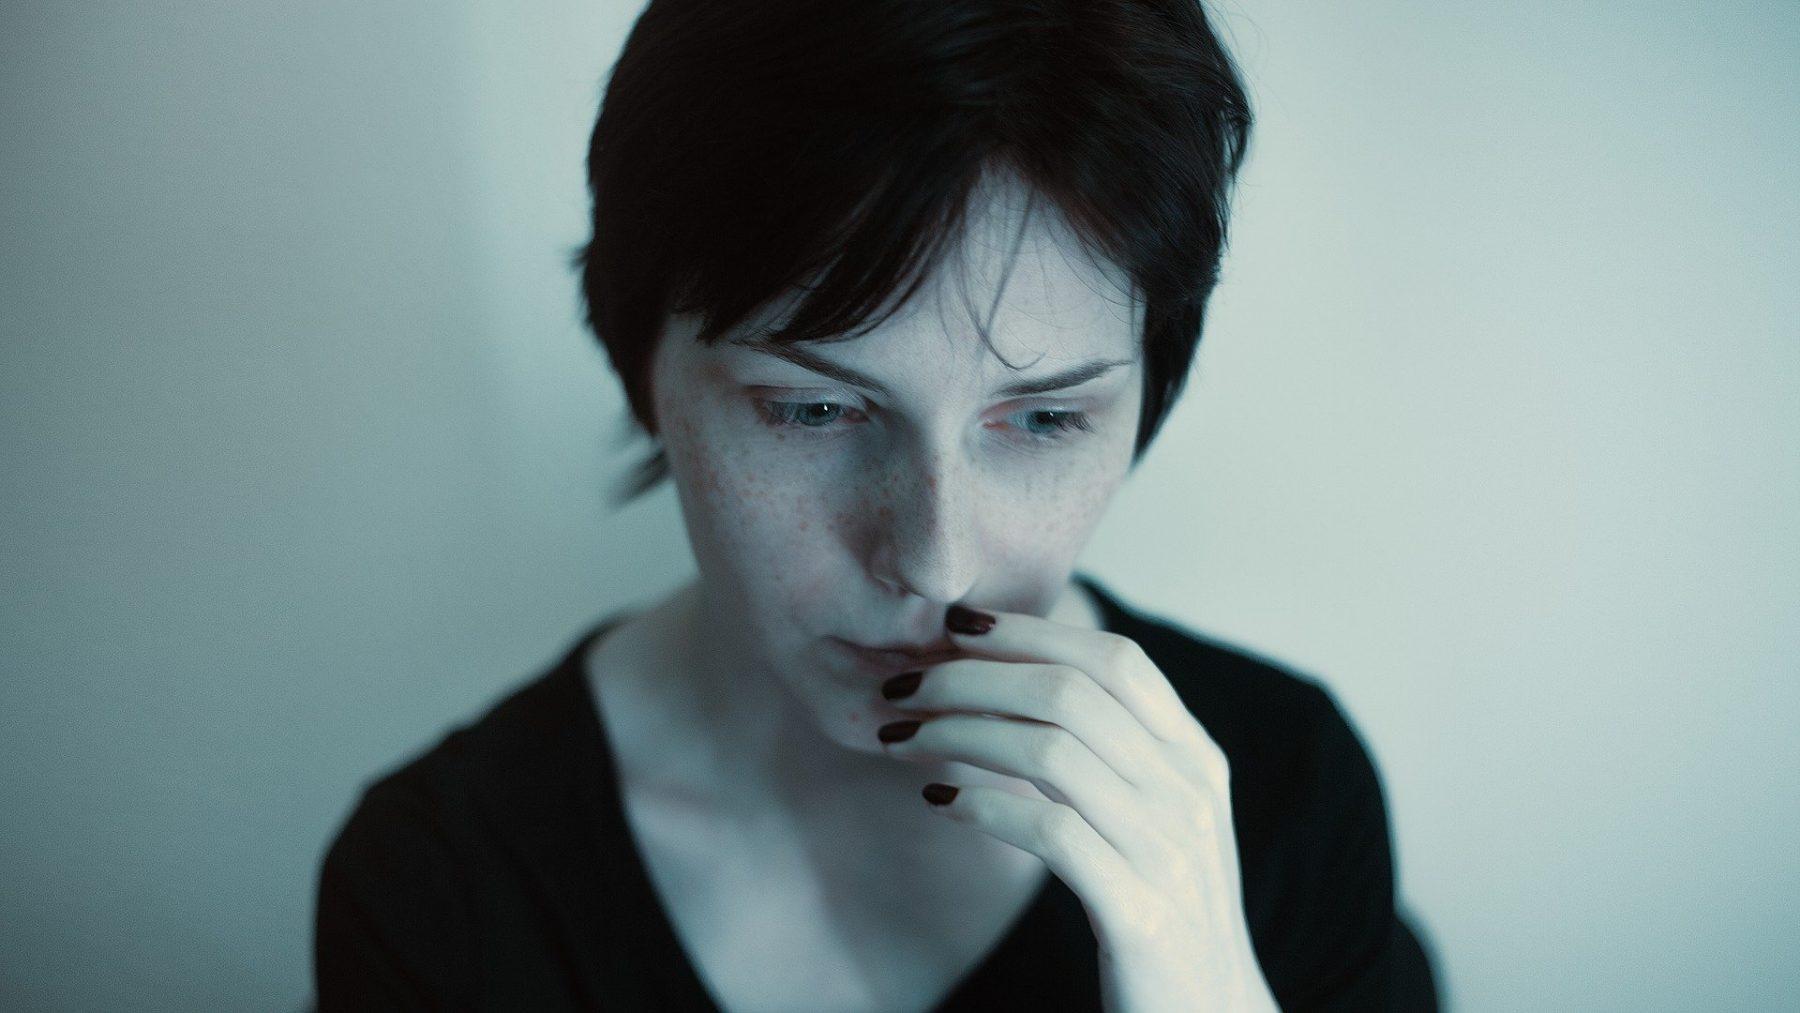 Κρίσεις πανικού: Αντιμετωπίστε τα συμπτώματα με προσοχή